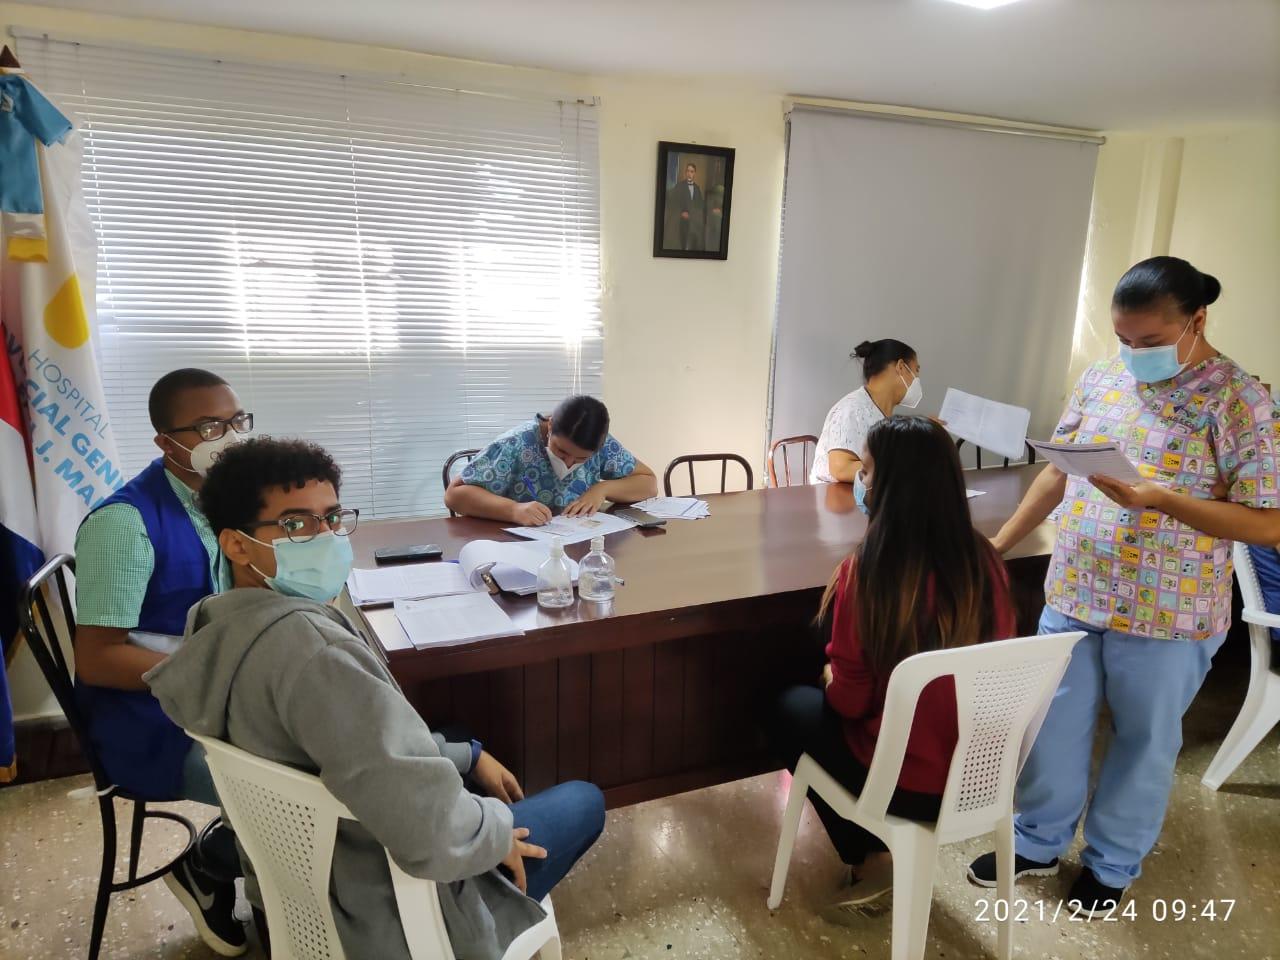 El Hospital Provincial Dr. Rafael J. Mañón inicia la fase 1B de Vacunación contra el Covid-19